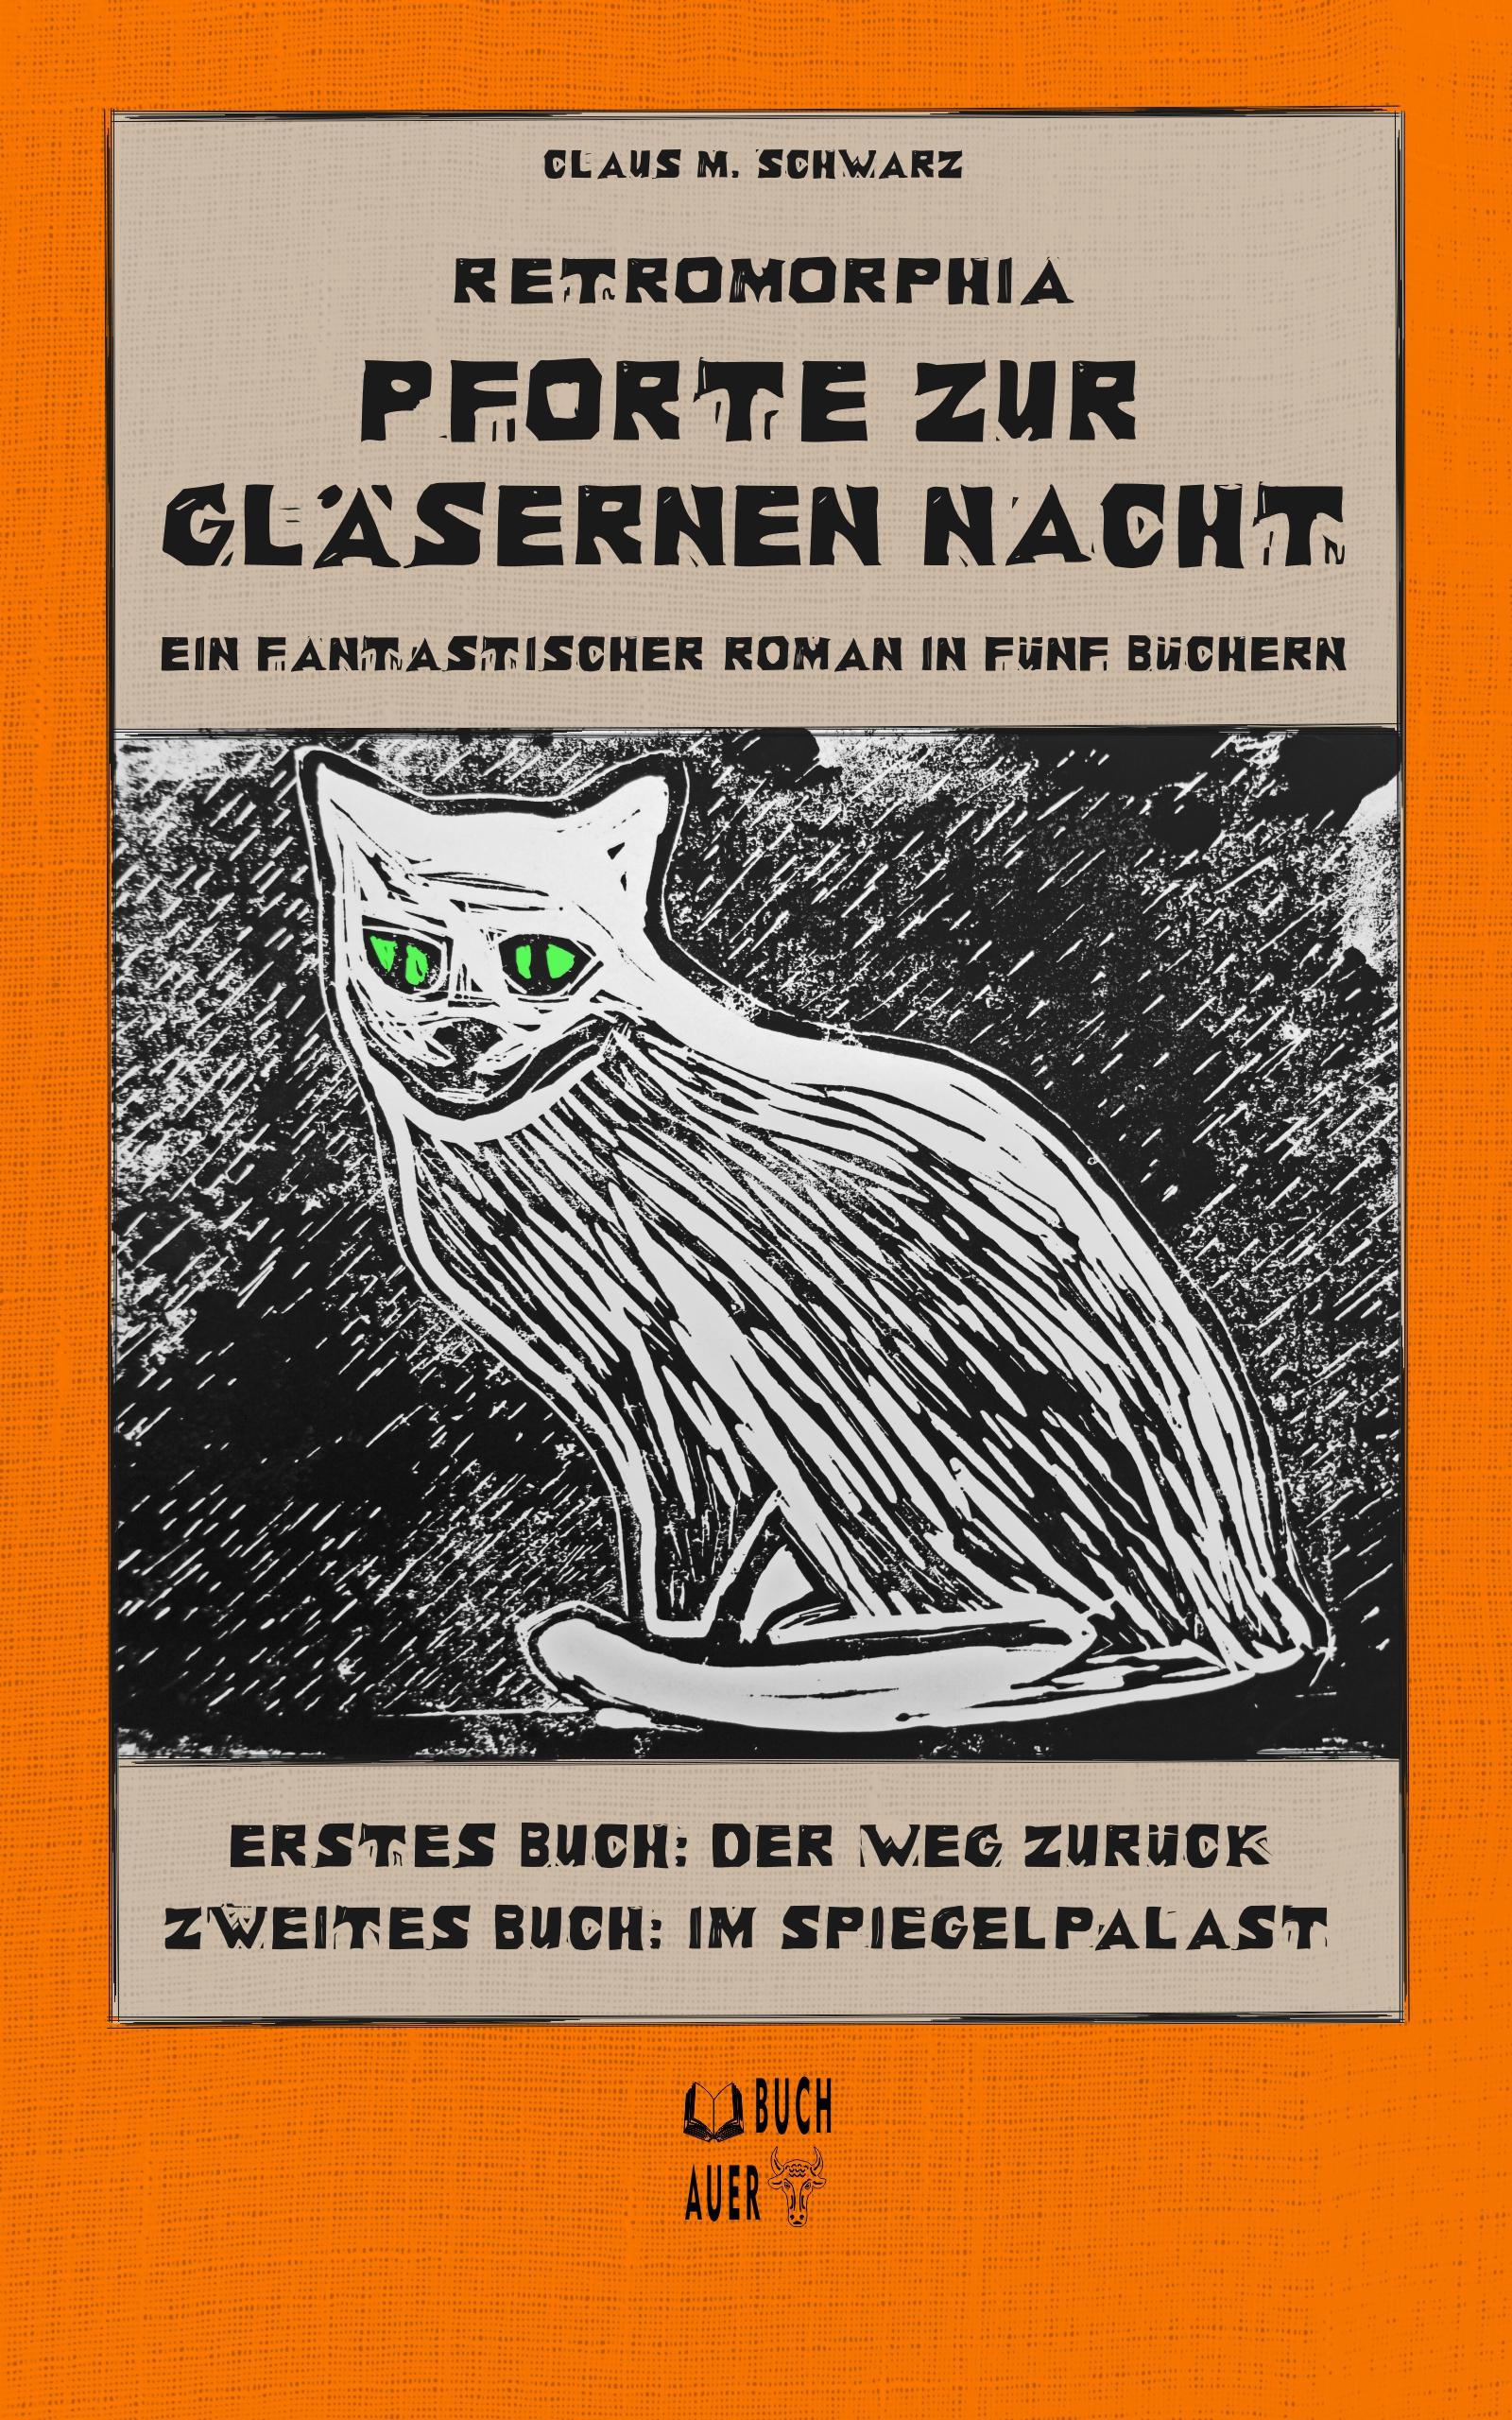 schwarz_claus_retromorphia1_phantastik-autoren-netzwerk.jpg